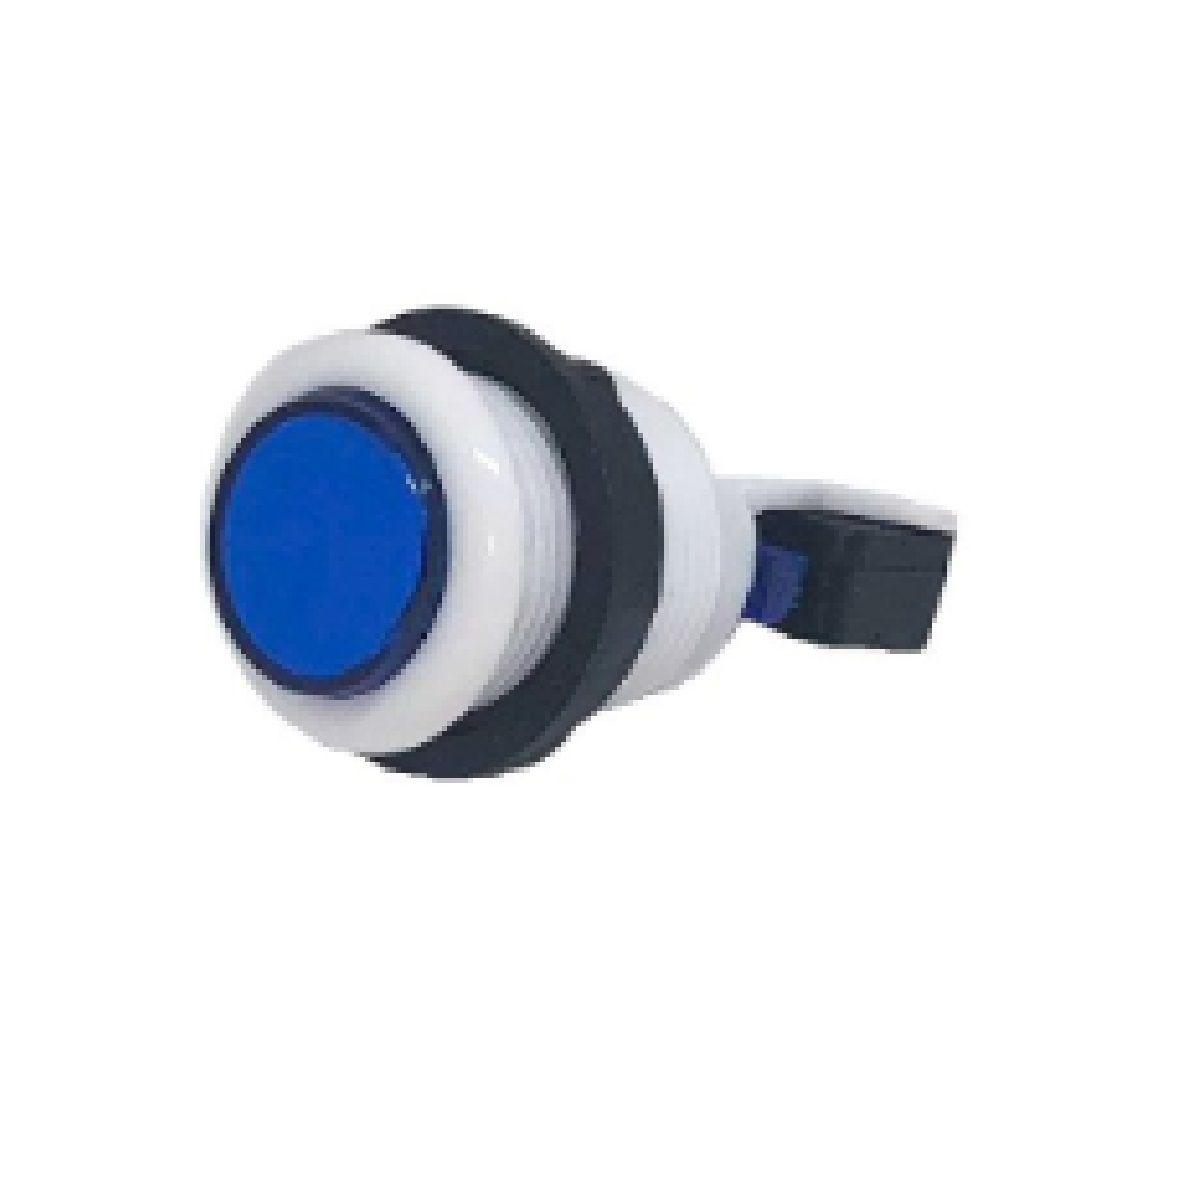 Botão Aegir Arcade Acrílico  Branco com Micro Switch Azul